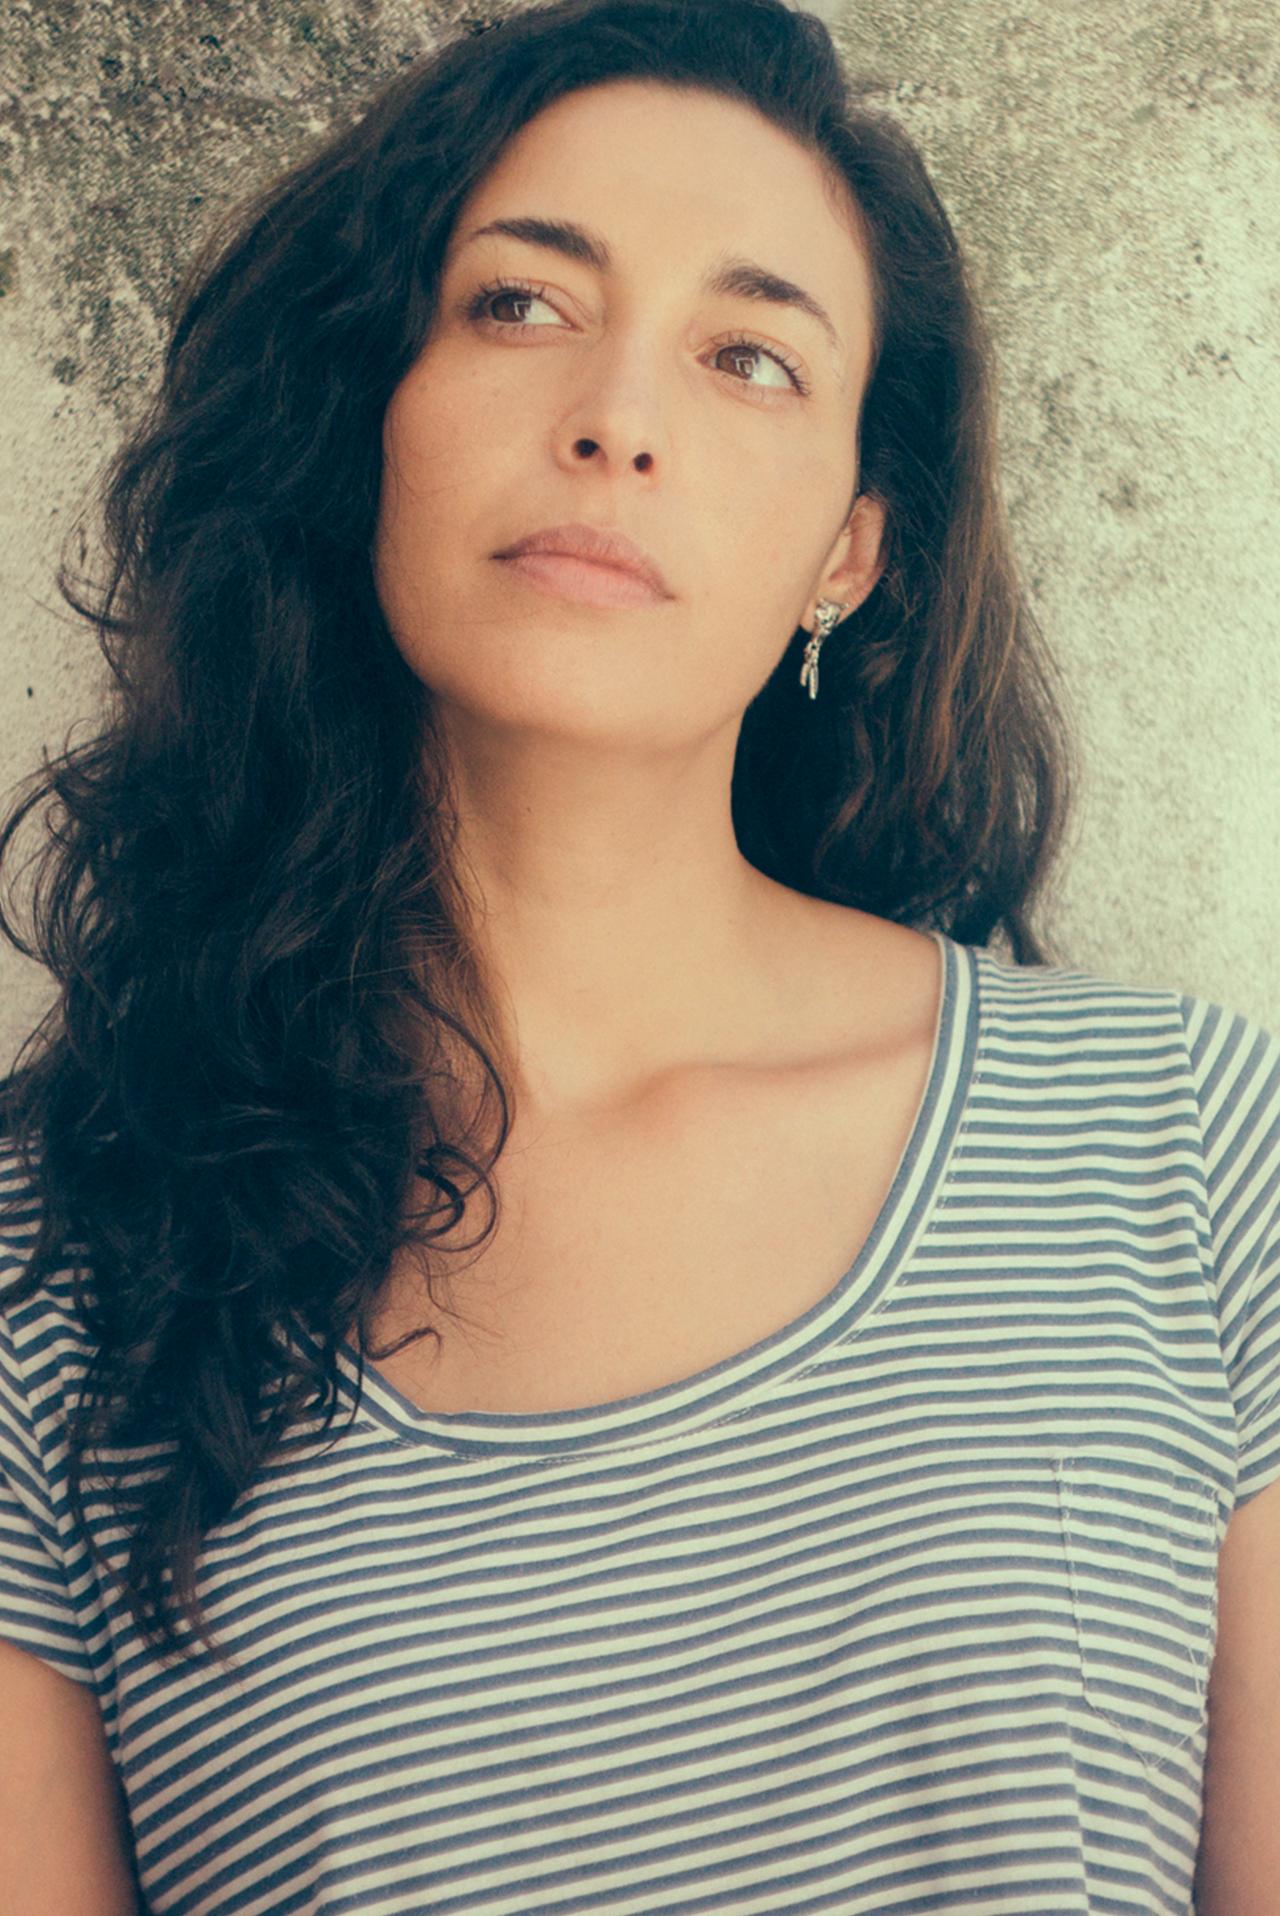 Mugre rosa, la cuarta novela de Fernanda Trías, cuenta la historia de una mujer que sobrevive a una extraña epidemia con forma de viento rojo